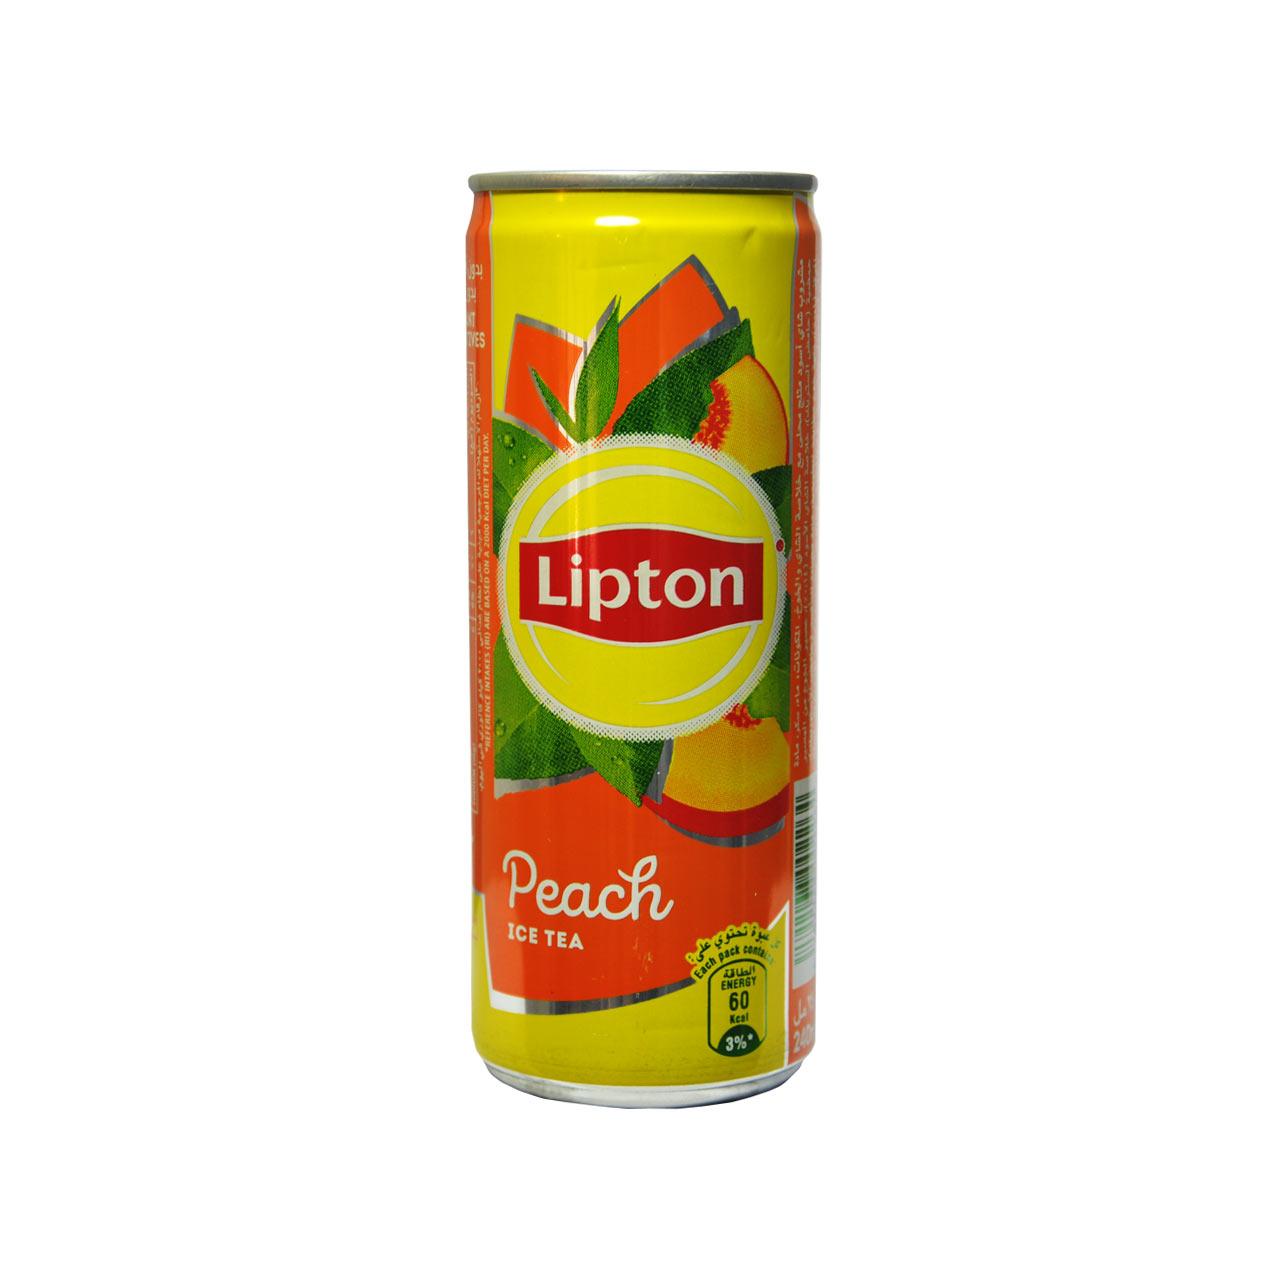 نوشیدنی آیس تی با طعم هلو لیپتون –  lipton